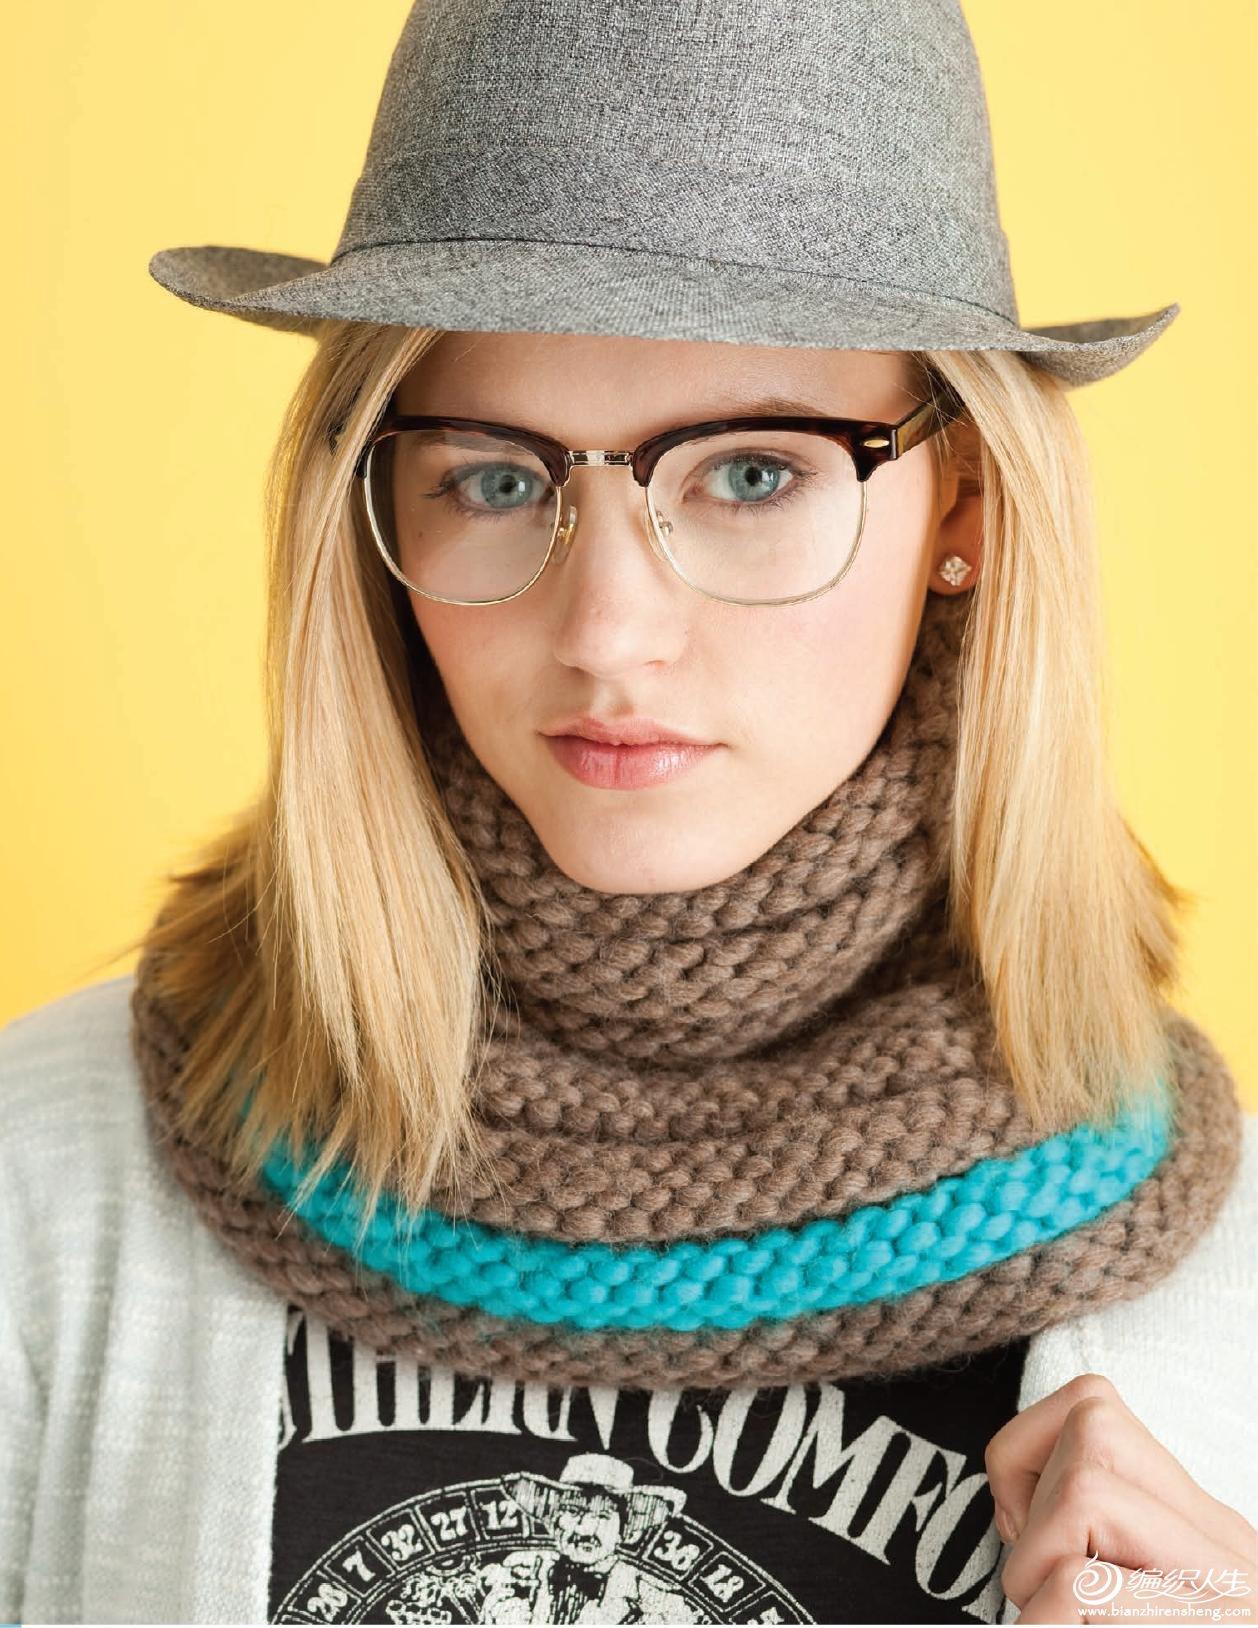 颈上添花:41款风格百变的围巾编织-19.jpg